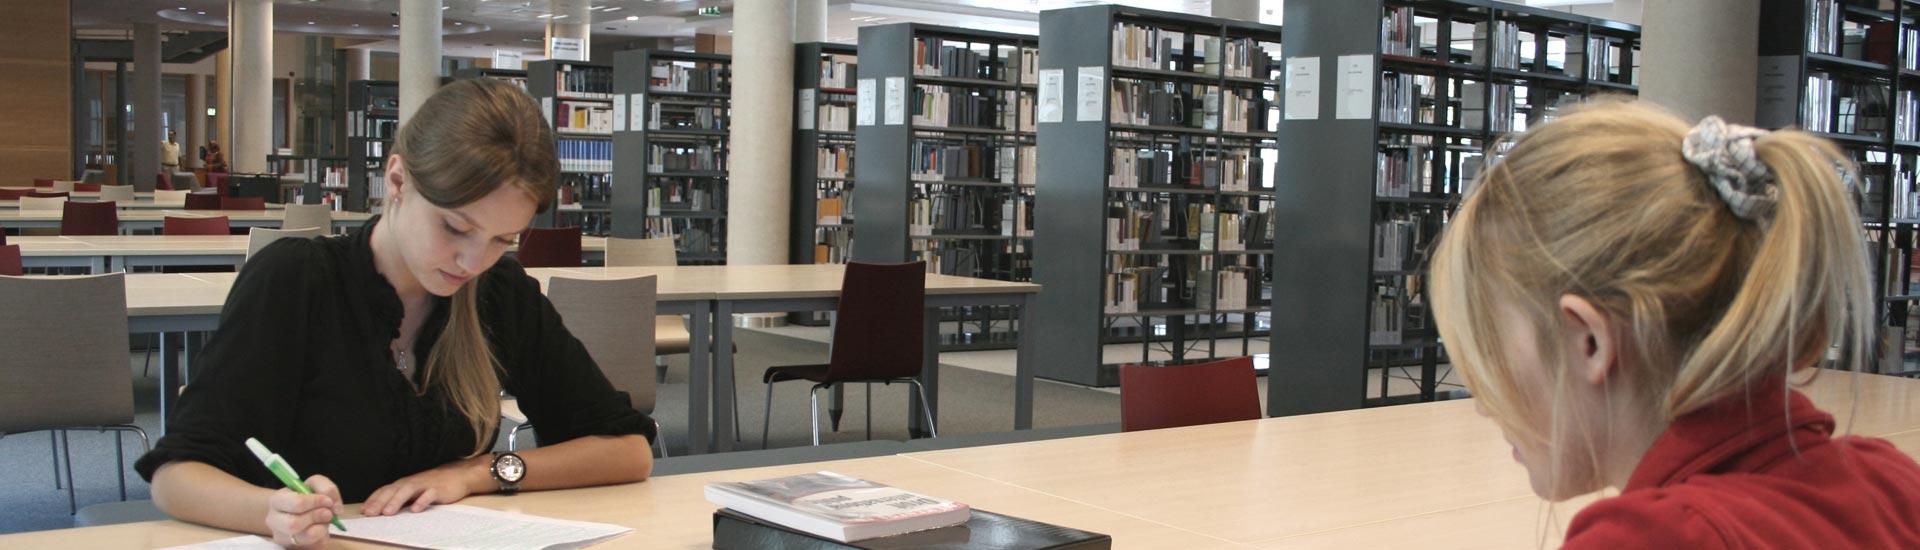 Sorbonne Calendrier.Calendrier Universitaire Sorbonne Universite Abu Dhabi